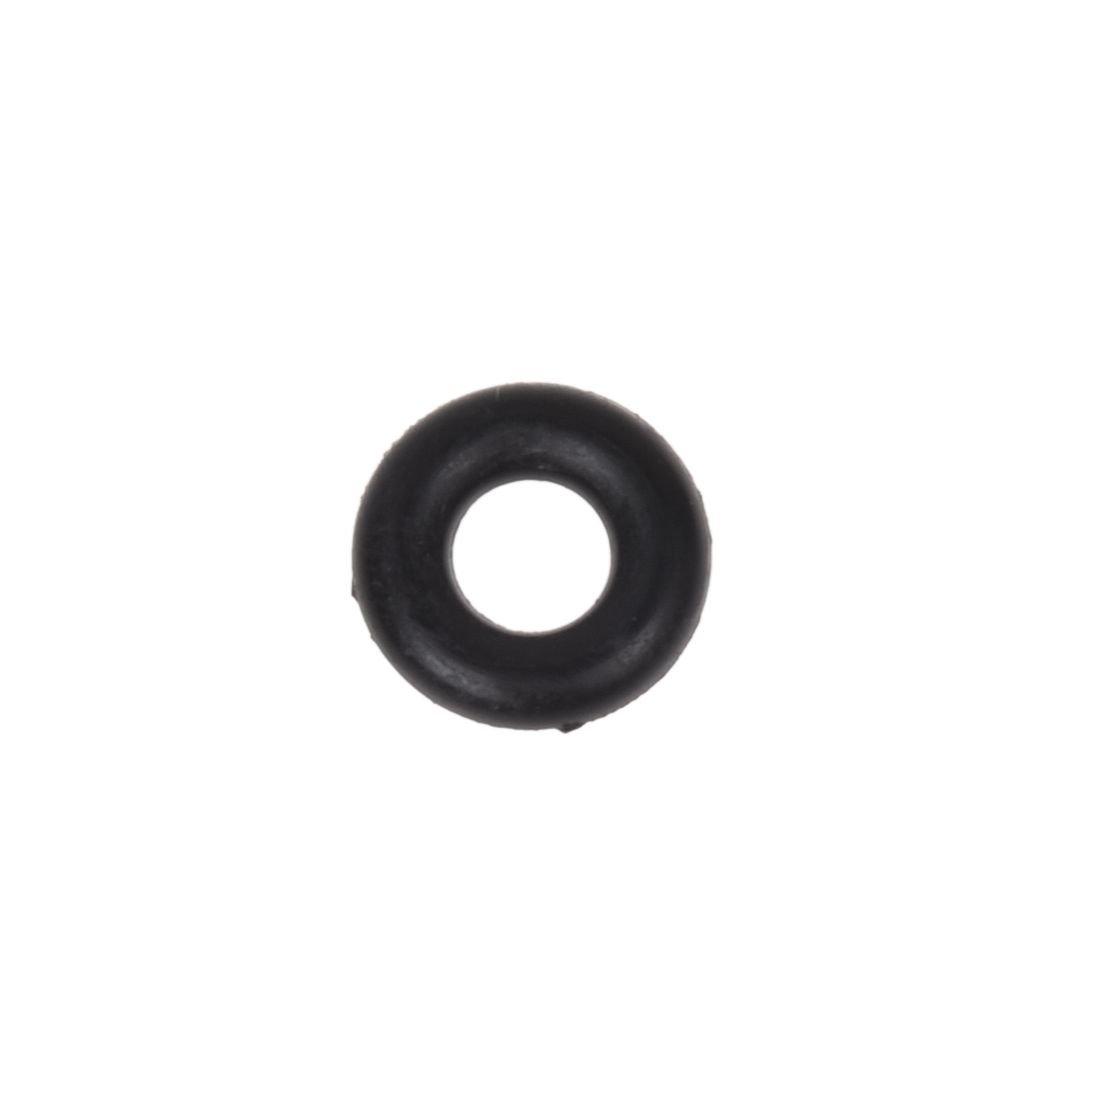 SODIAL R 50 x Noir caoutchouc nitrile joint torique Grommets rondelle detancheite 5mm x 11mm x 3mm